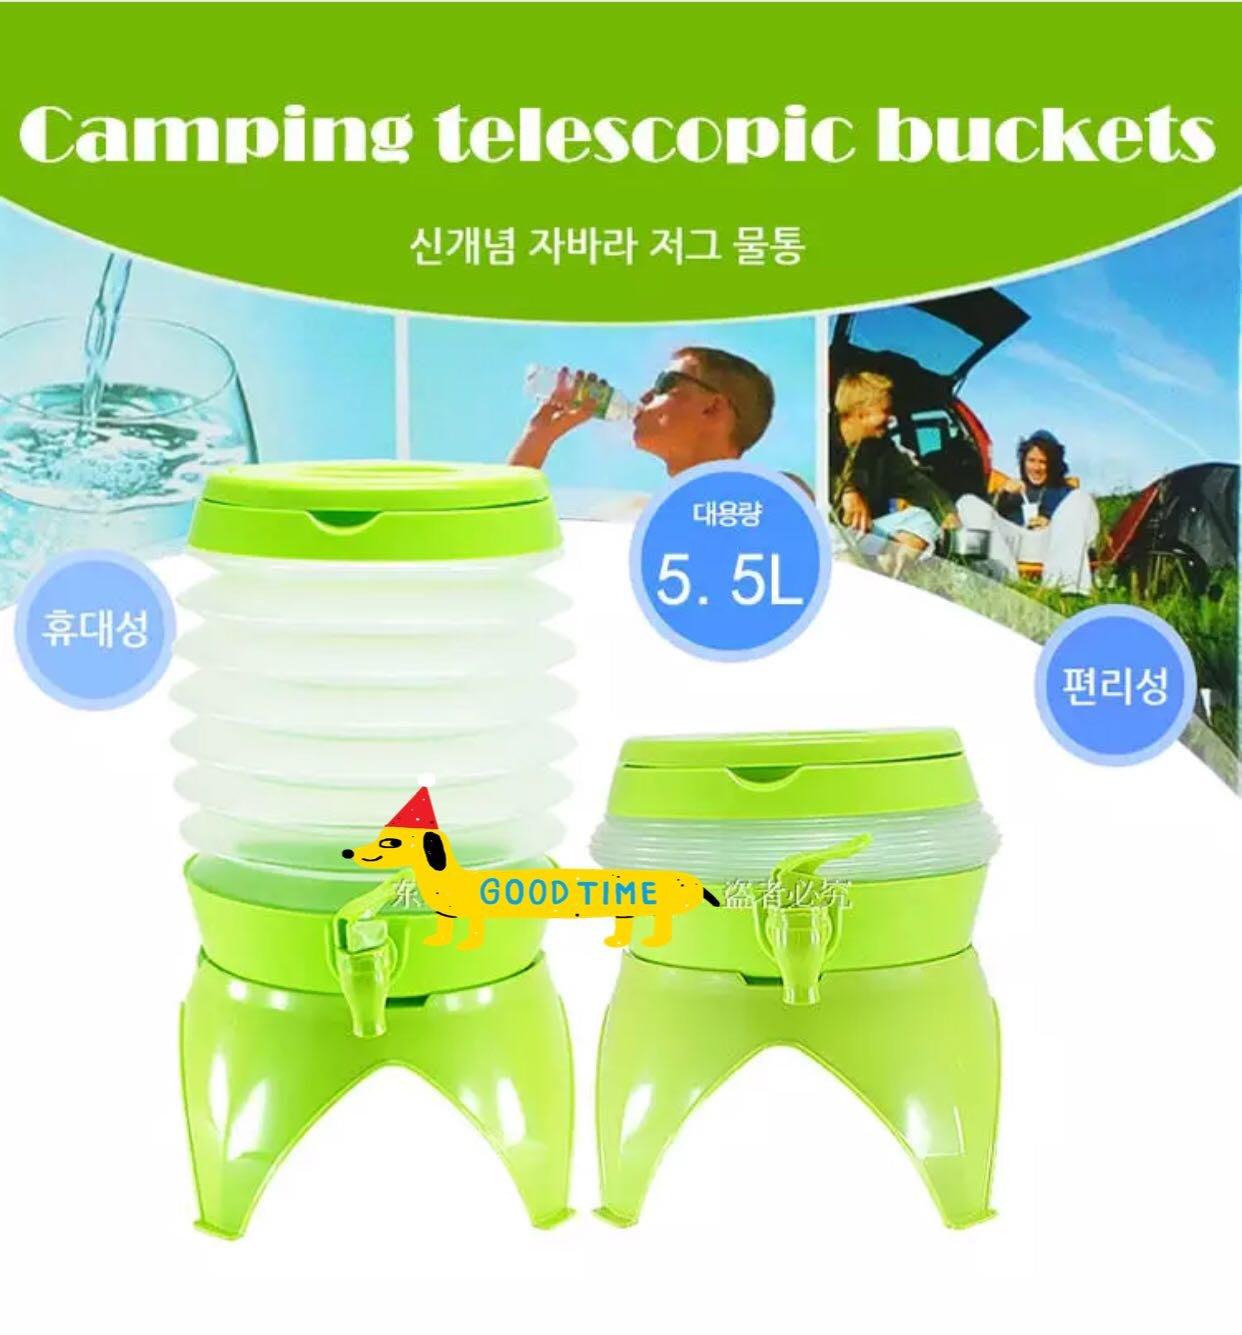 折疊 飲水機 便攜 水桶 伸縮 露營 野餐 飲水桶 飲料桶 辦活動 飲水器 大容量 折疊水桶 露營必備